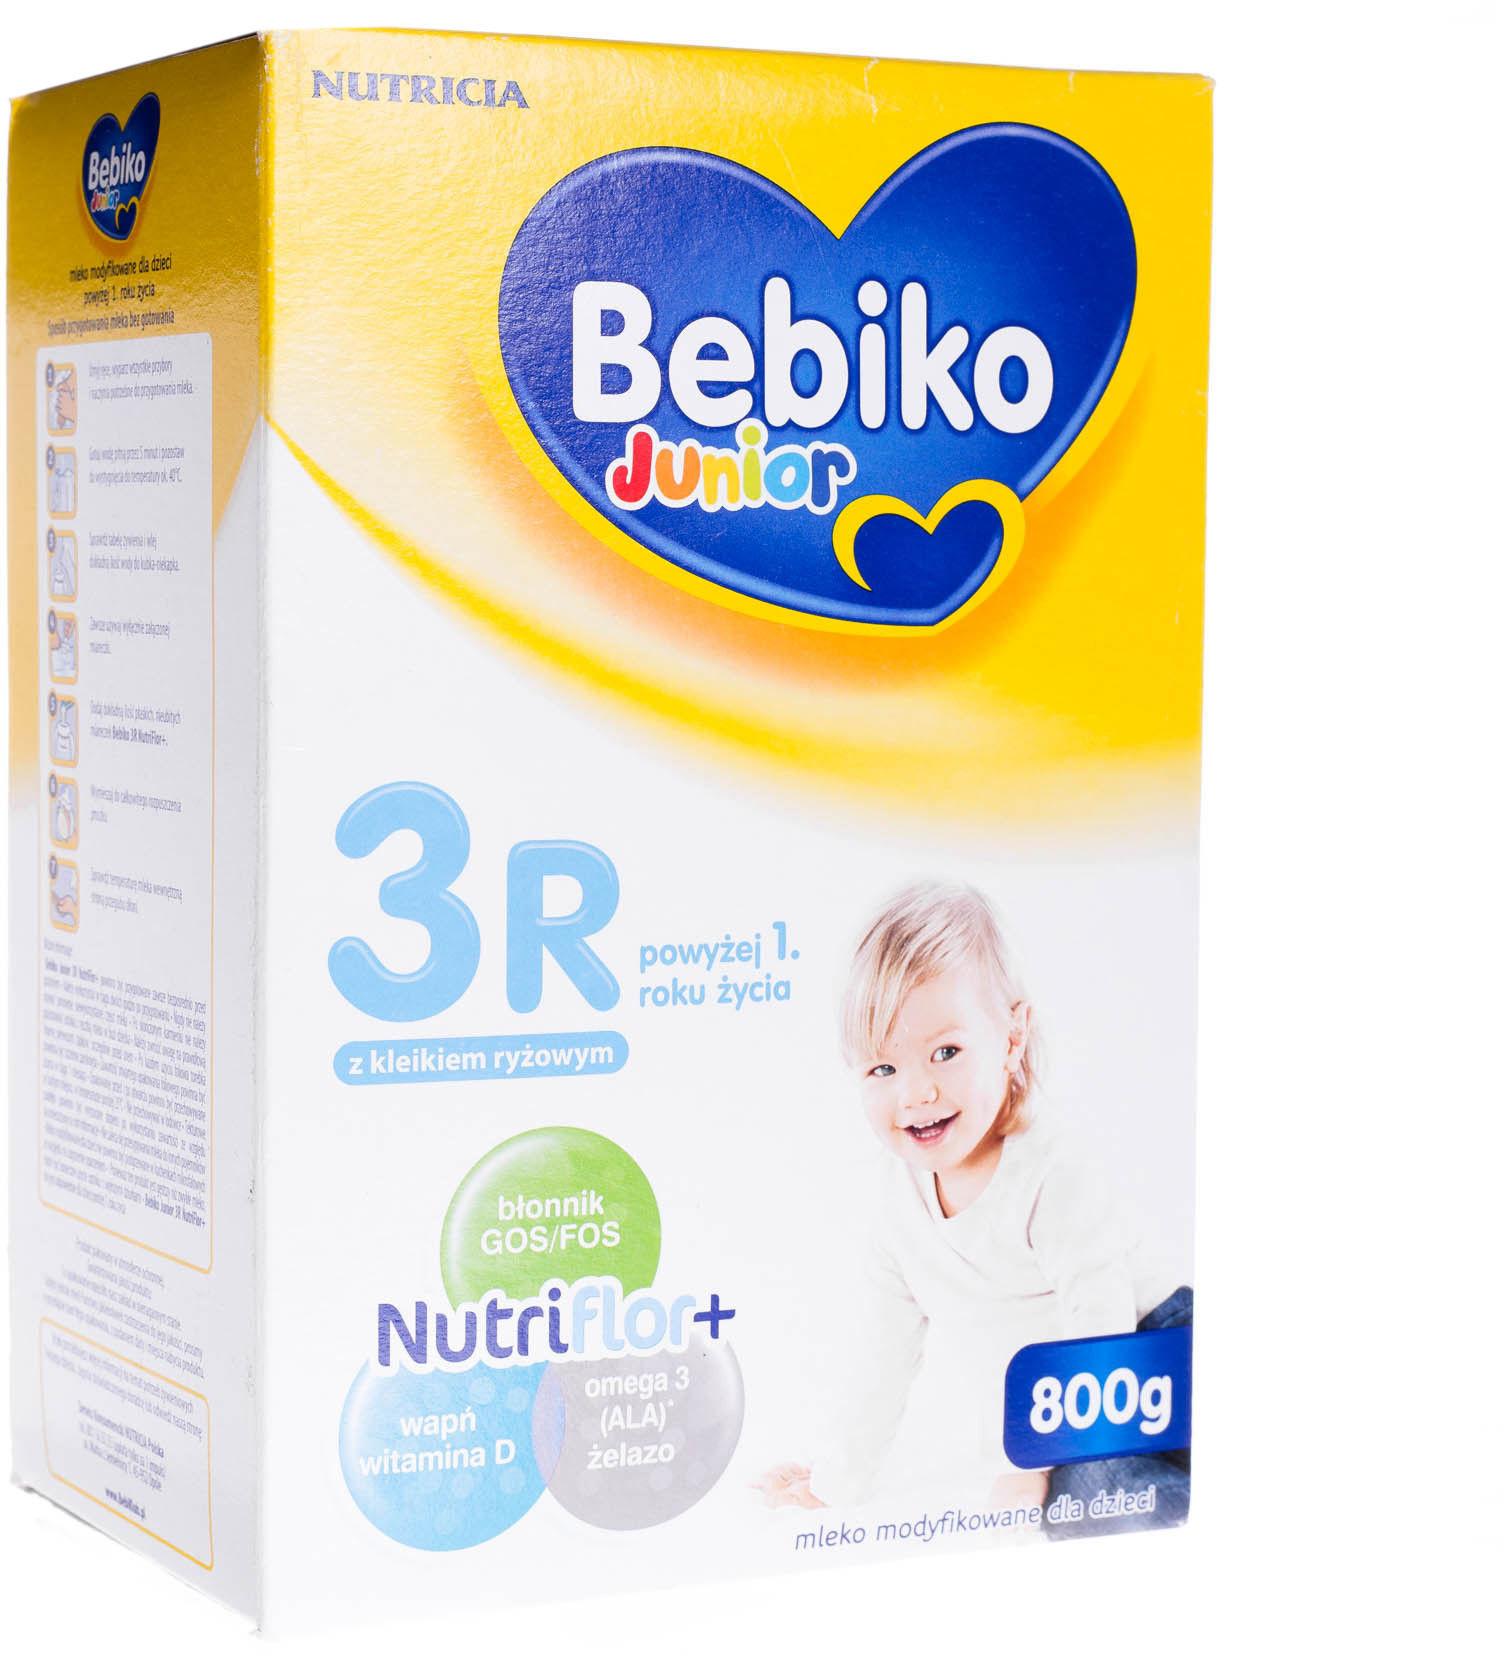 Bebiko Junior 3R mleko modyfikowane powyżej 1 roku życia proszek 800 g